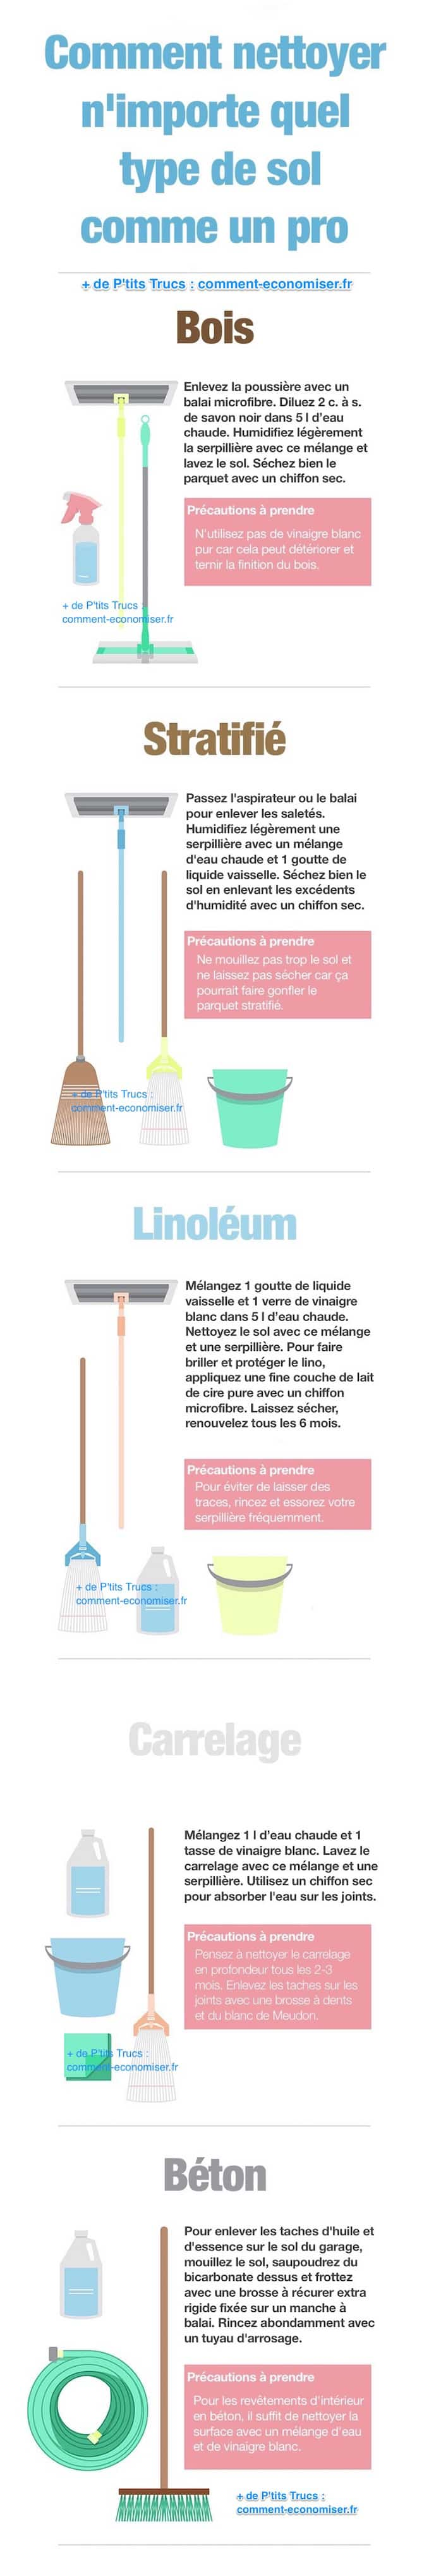 Comment nettoyer tous les types de sol naturellement sans produit chimique